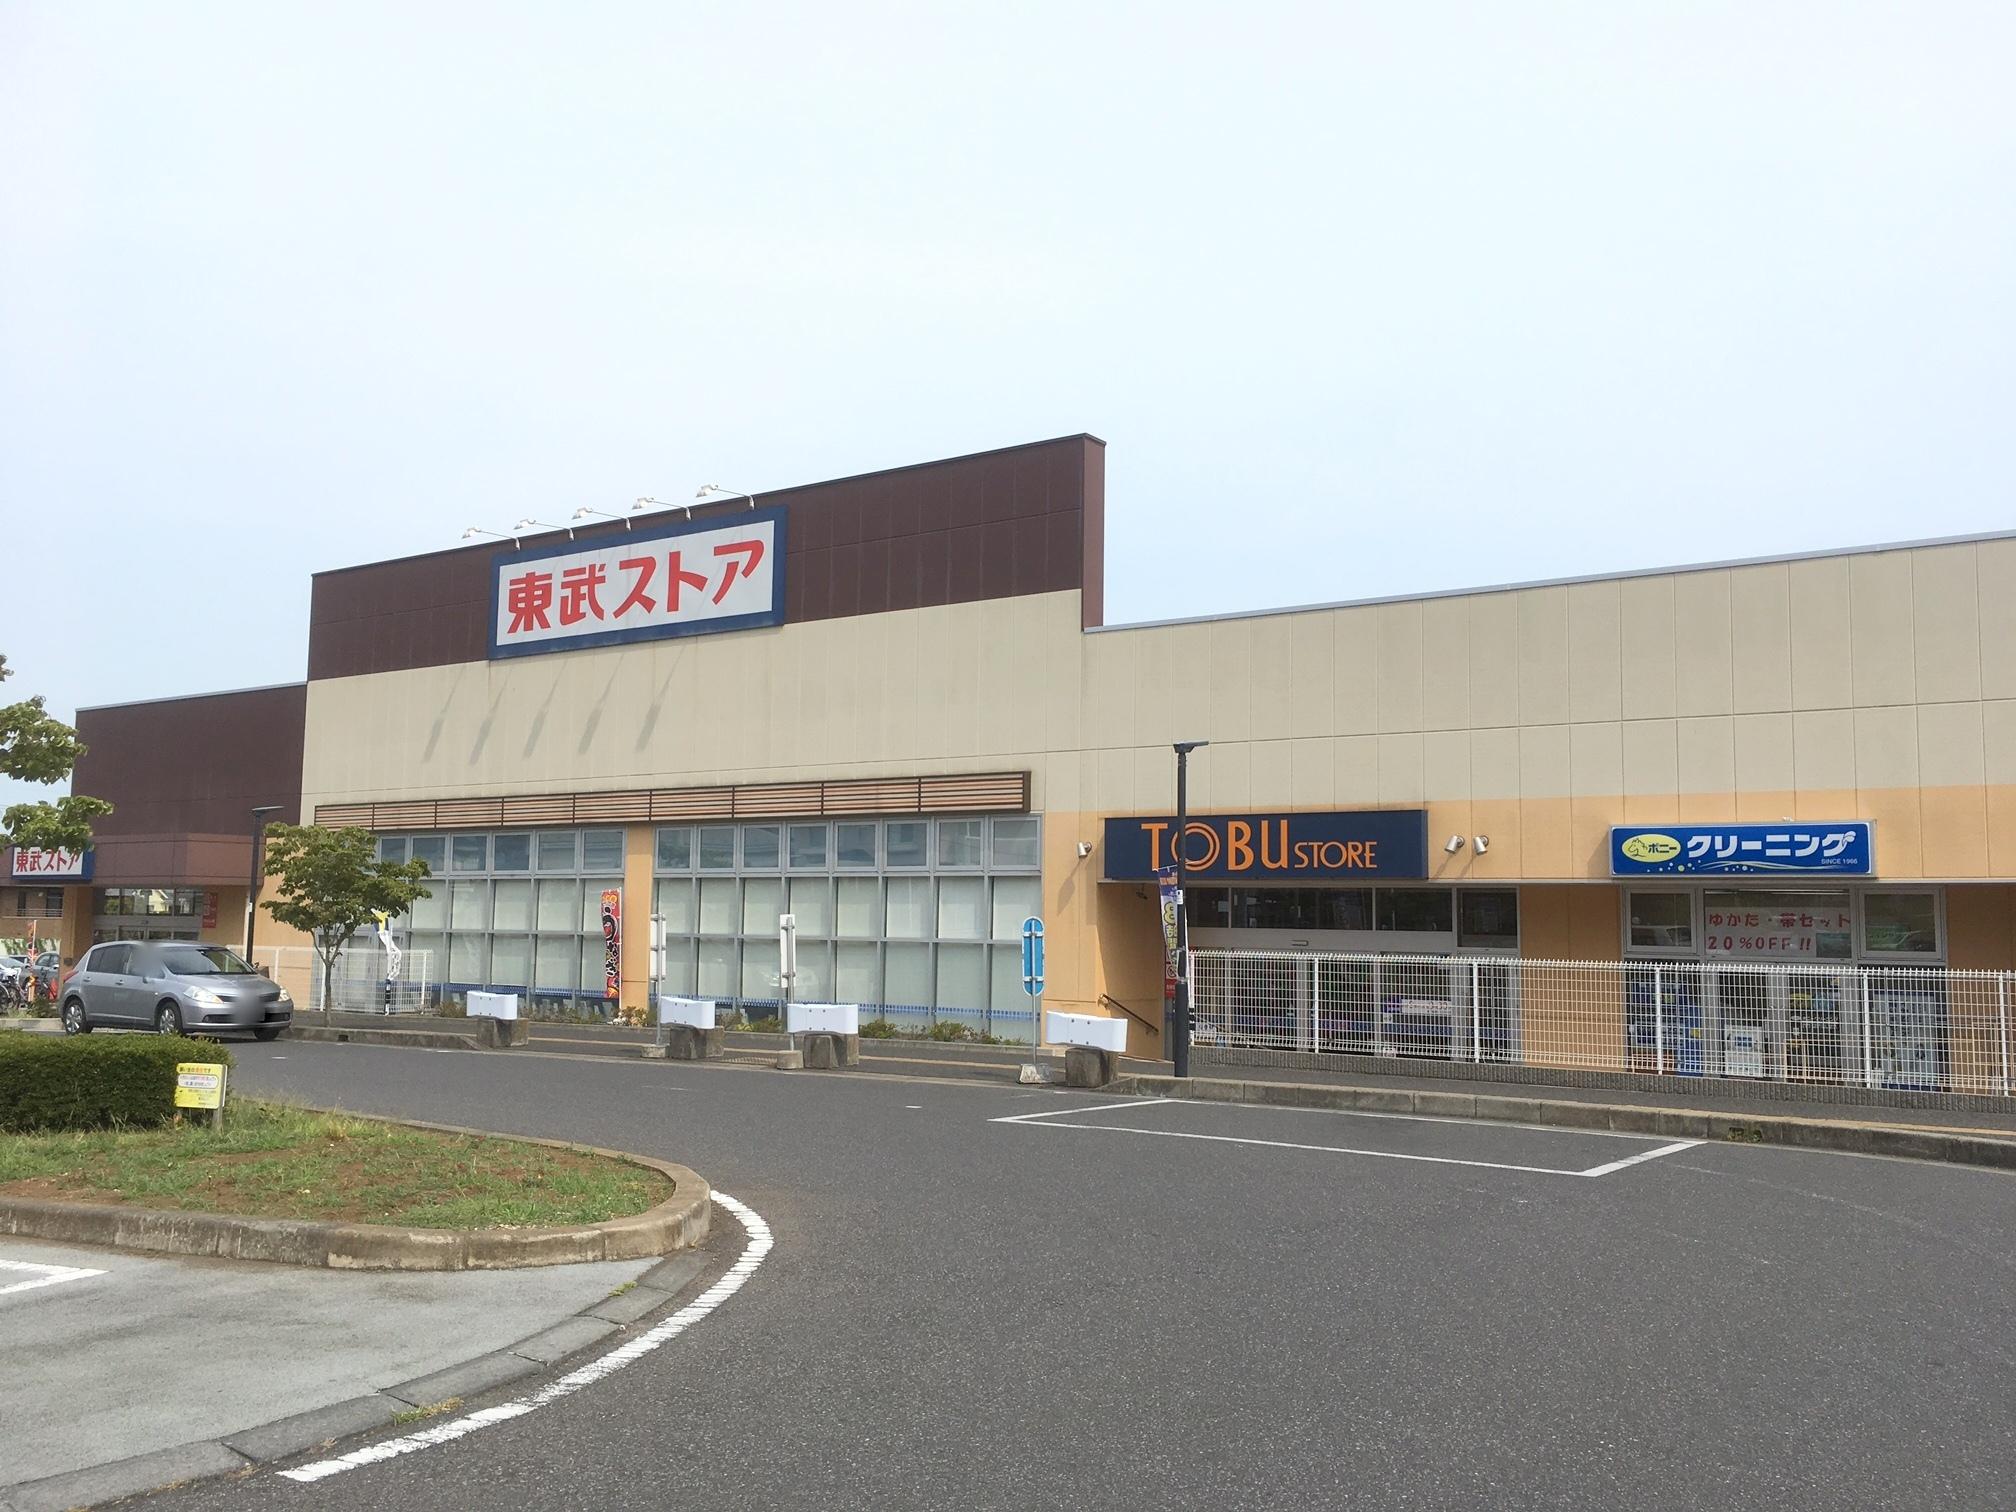 スーパー:東武ストア逆井店 552m